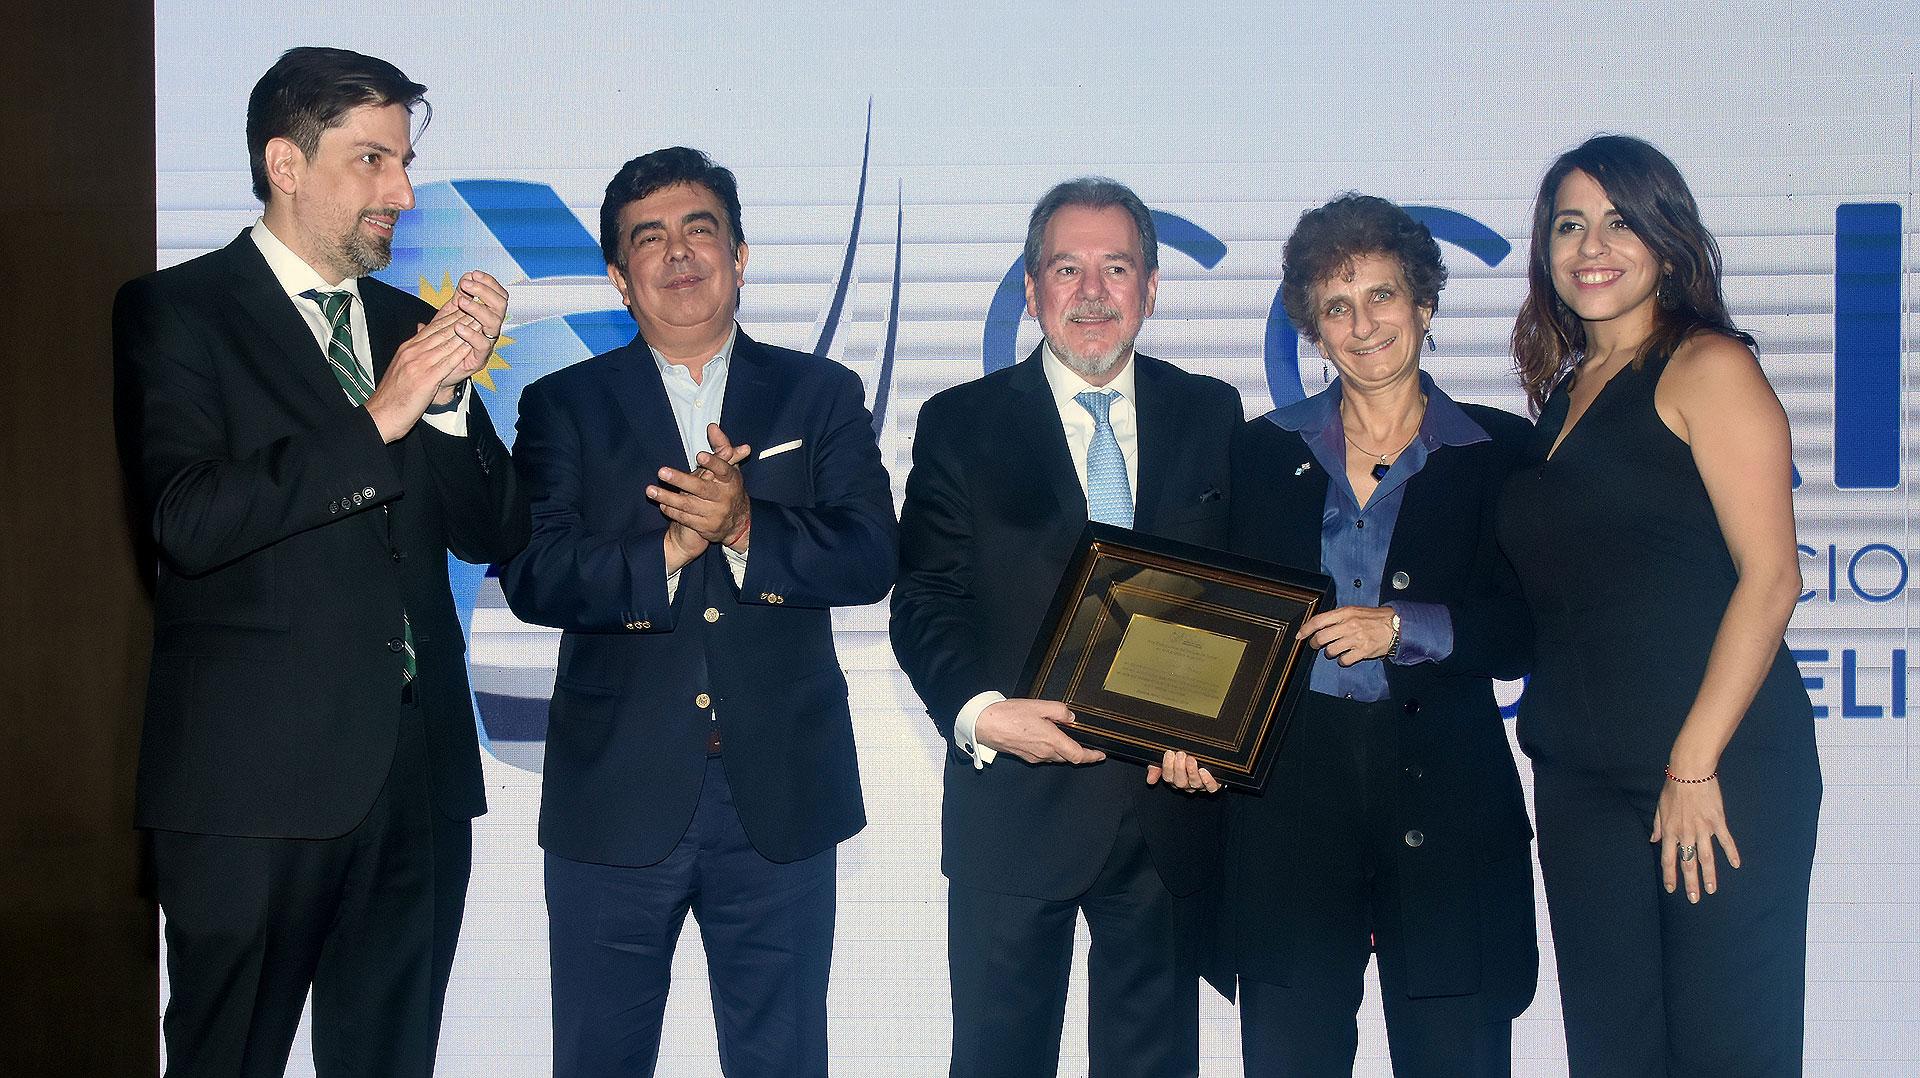 La embajadora de Israel, Galit Ronen, recibió una placa de reconocimiento de manos de Mario Montoto. En la foto, junto a Nicolás Trotta, Fernando Espinoza y Victoria Donda